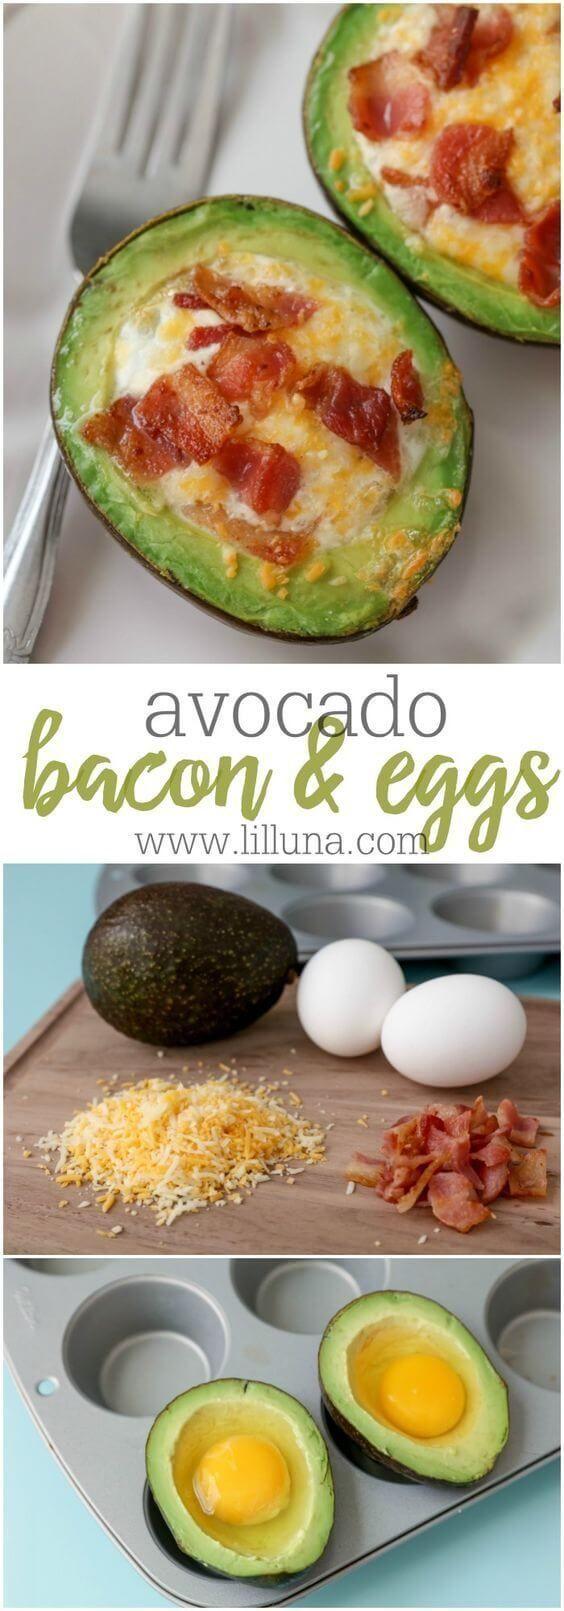 Keto Avocado Bacon and Eggs Recipe